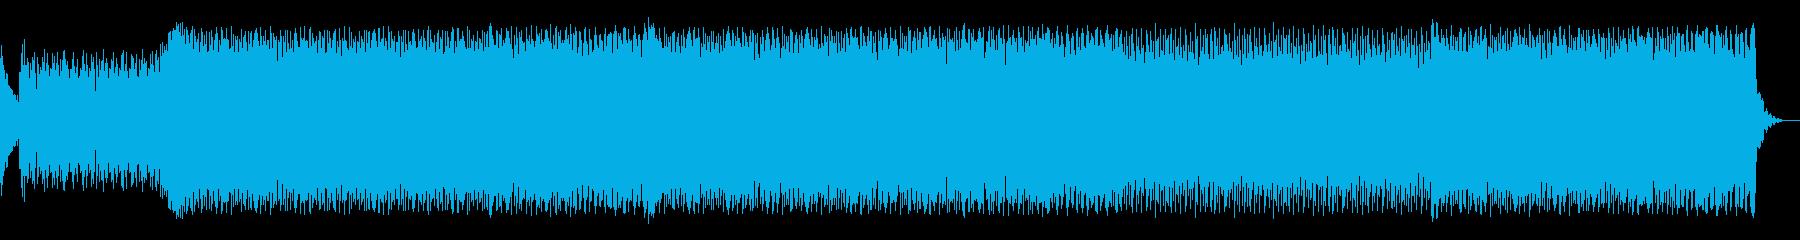 ダークな雰囲気のエレクトロダンスの再生済みの波形